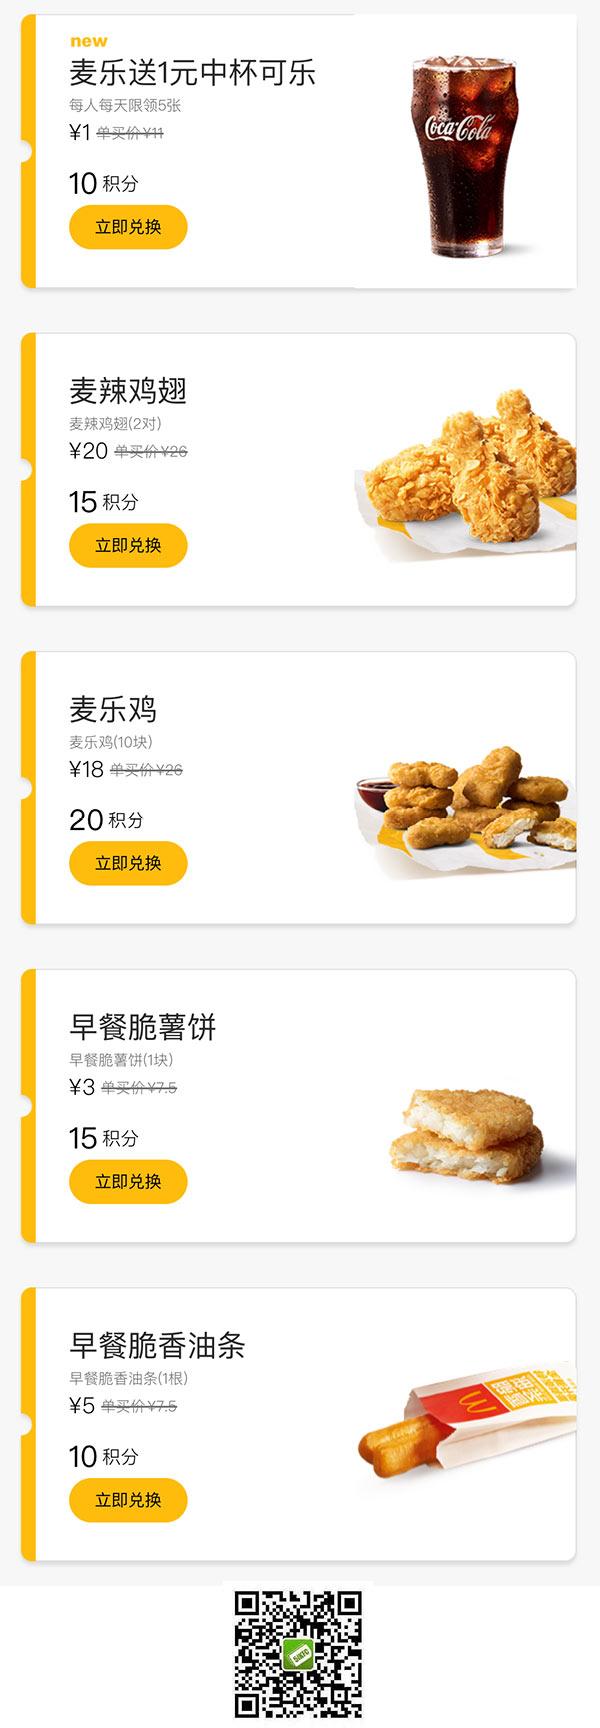 麦当劳麦乐送优惠券积分兑换,1元可乐、3元早餐脆薯饼等多款优惠